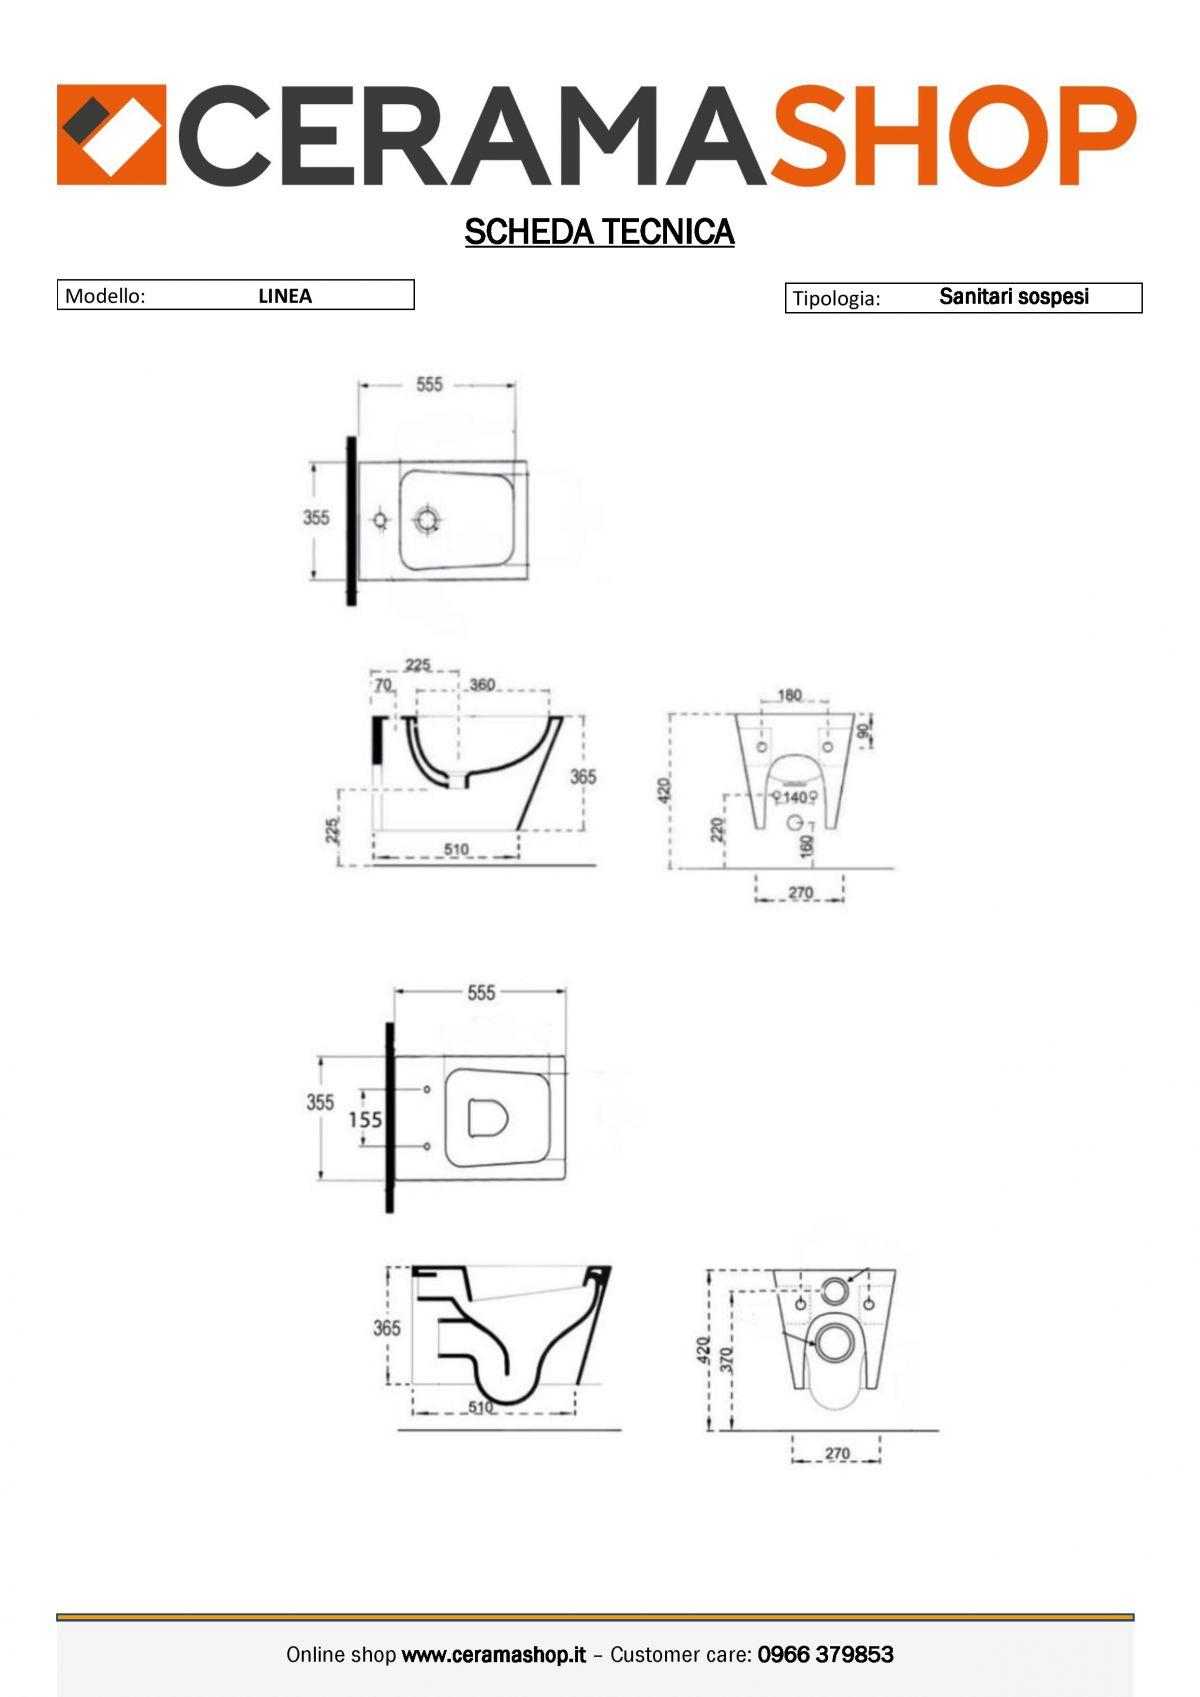 LINEA SOSPESI 0001 scaled Sanitari filo muro Linea in ceramica Vaso+Bidet+Coprivaso Soft Close